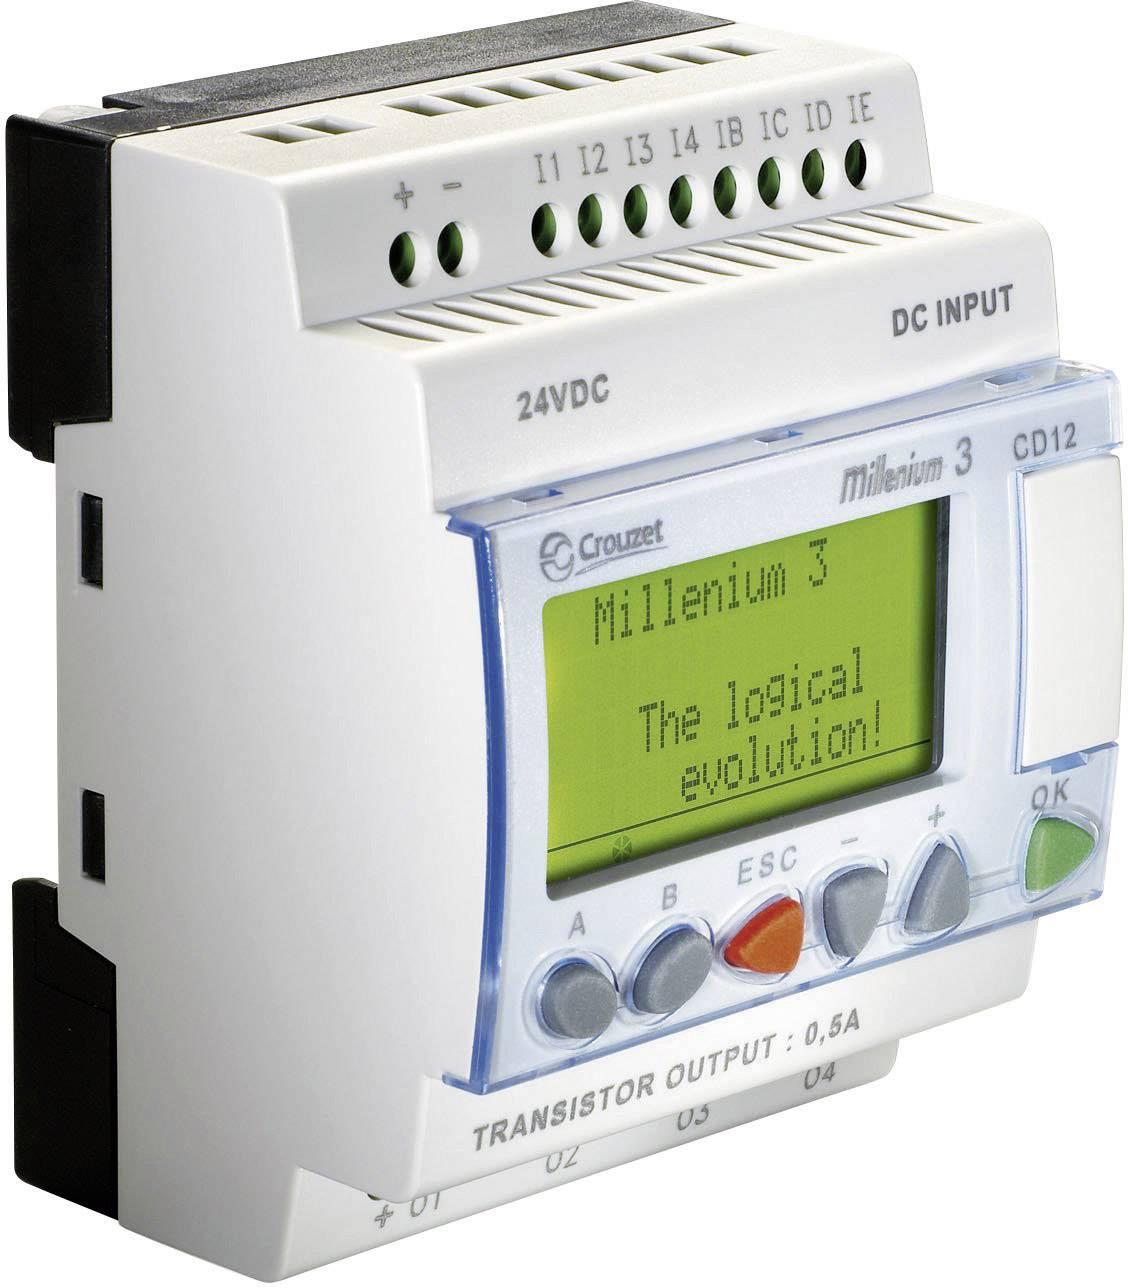 Riadiacimodul Crouzet Millenium 3 CD12 S 88970042, 24 V/DC